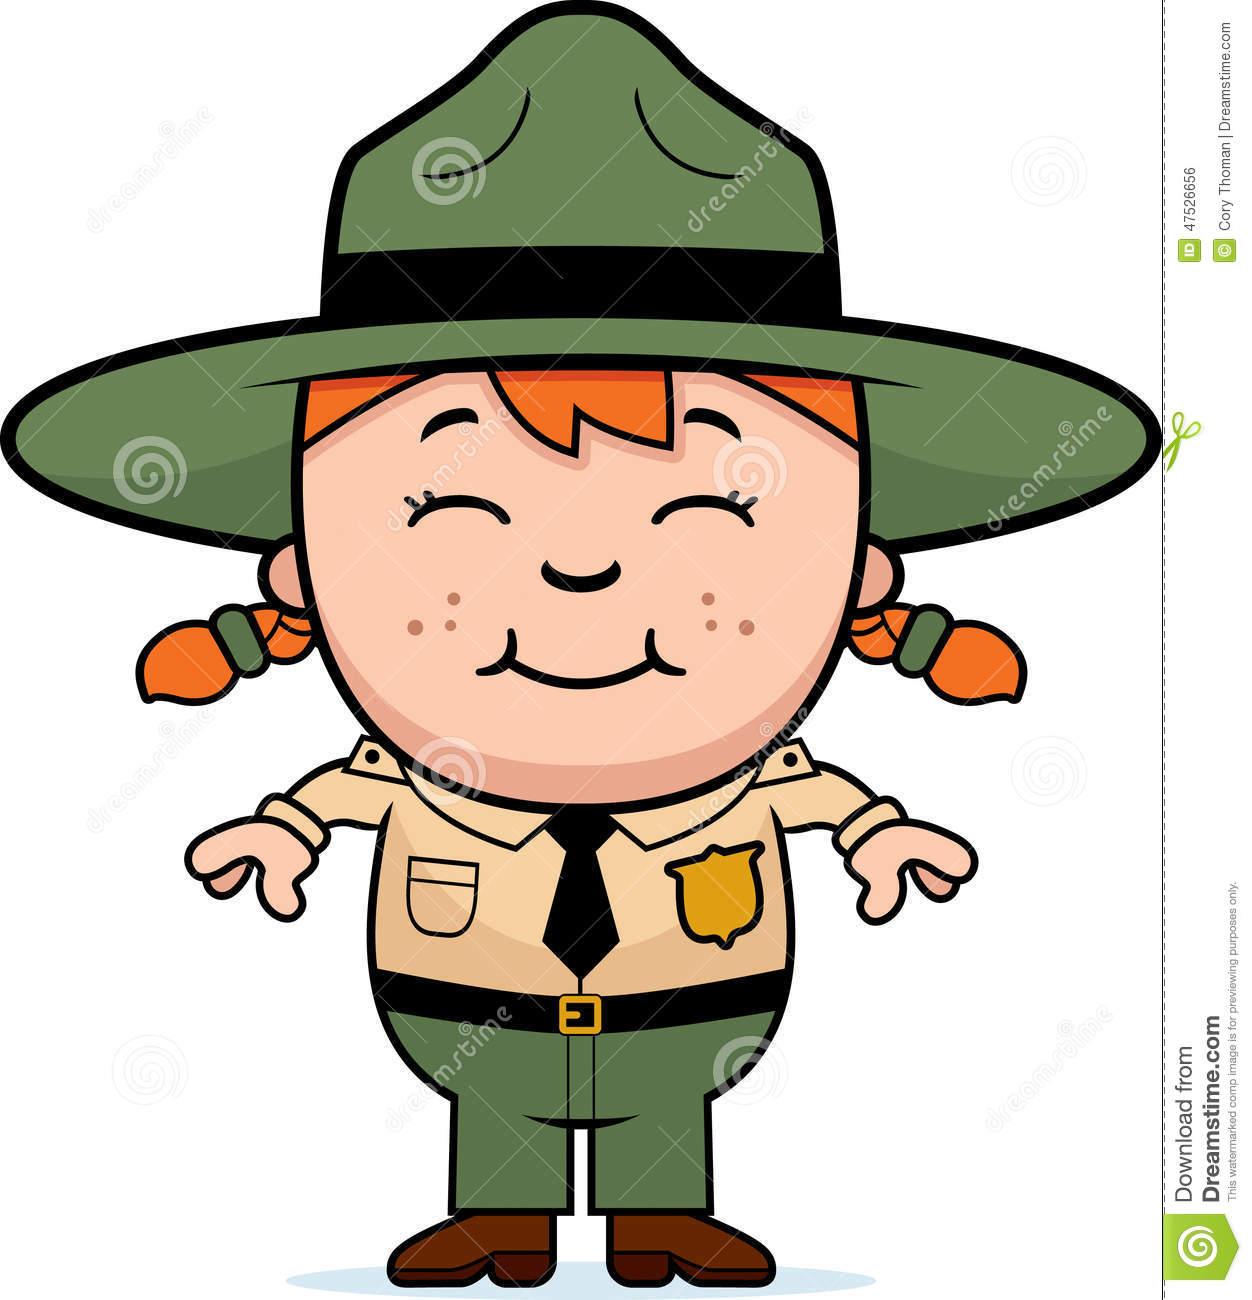 Forest ranger clipart.